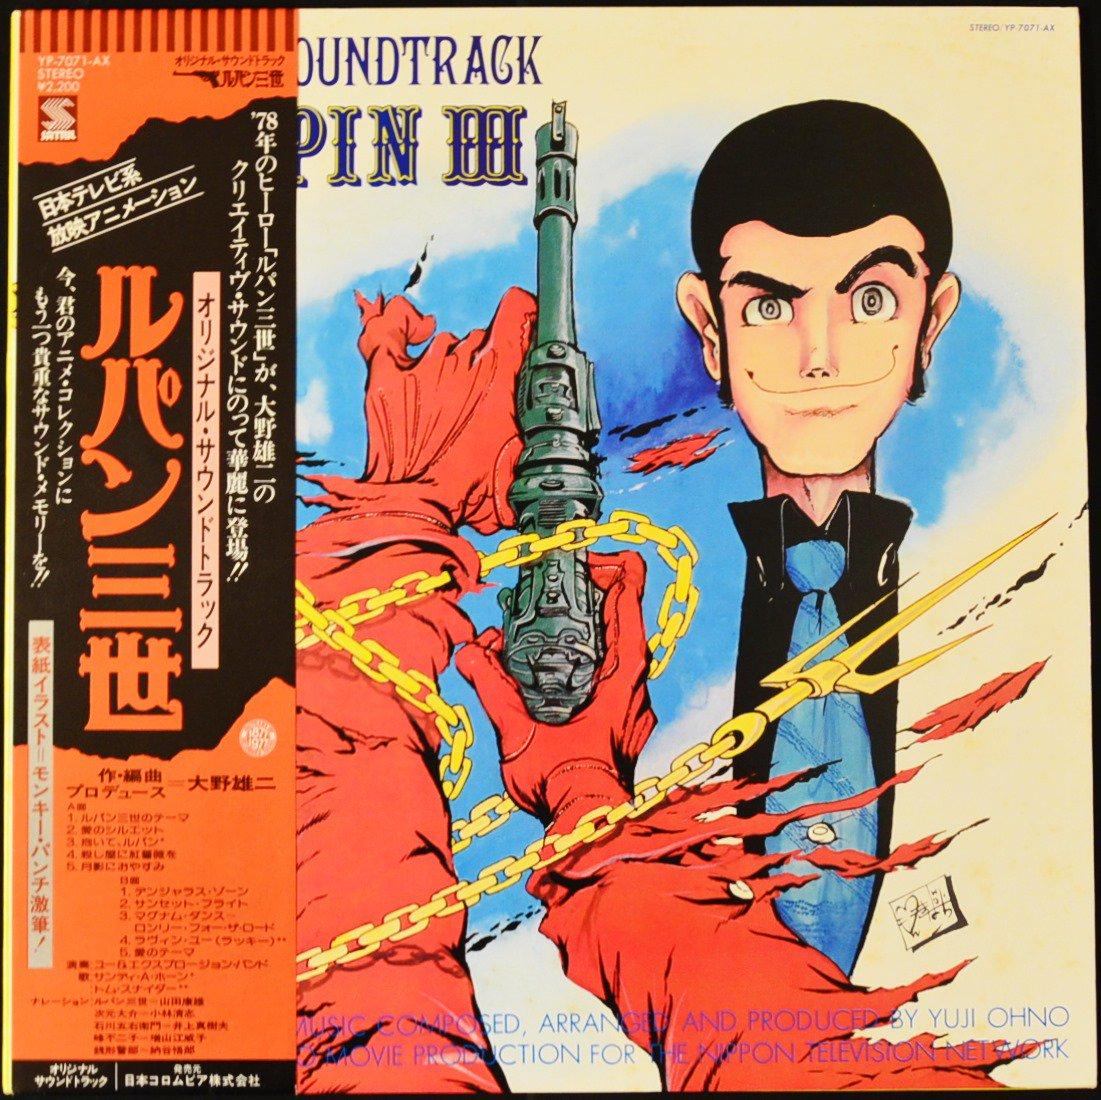 オリジナル・サウンドトラック (大野雄二, ユー・アンド・エクスプロージョン・バンド) / ルパン三世 (LP)